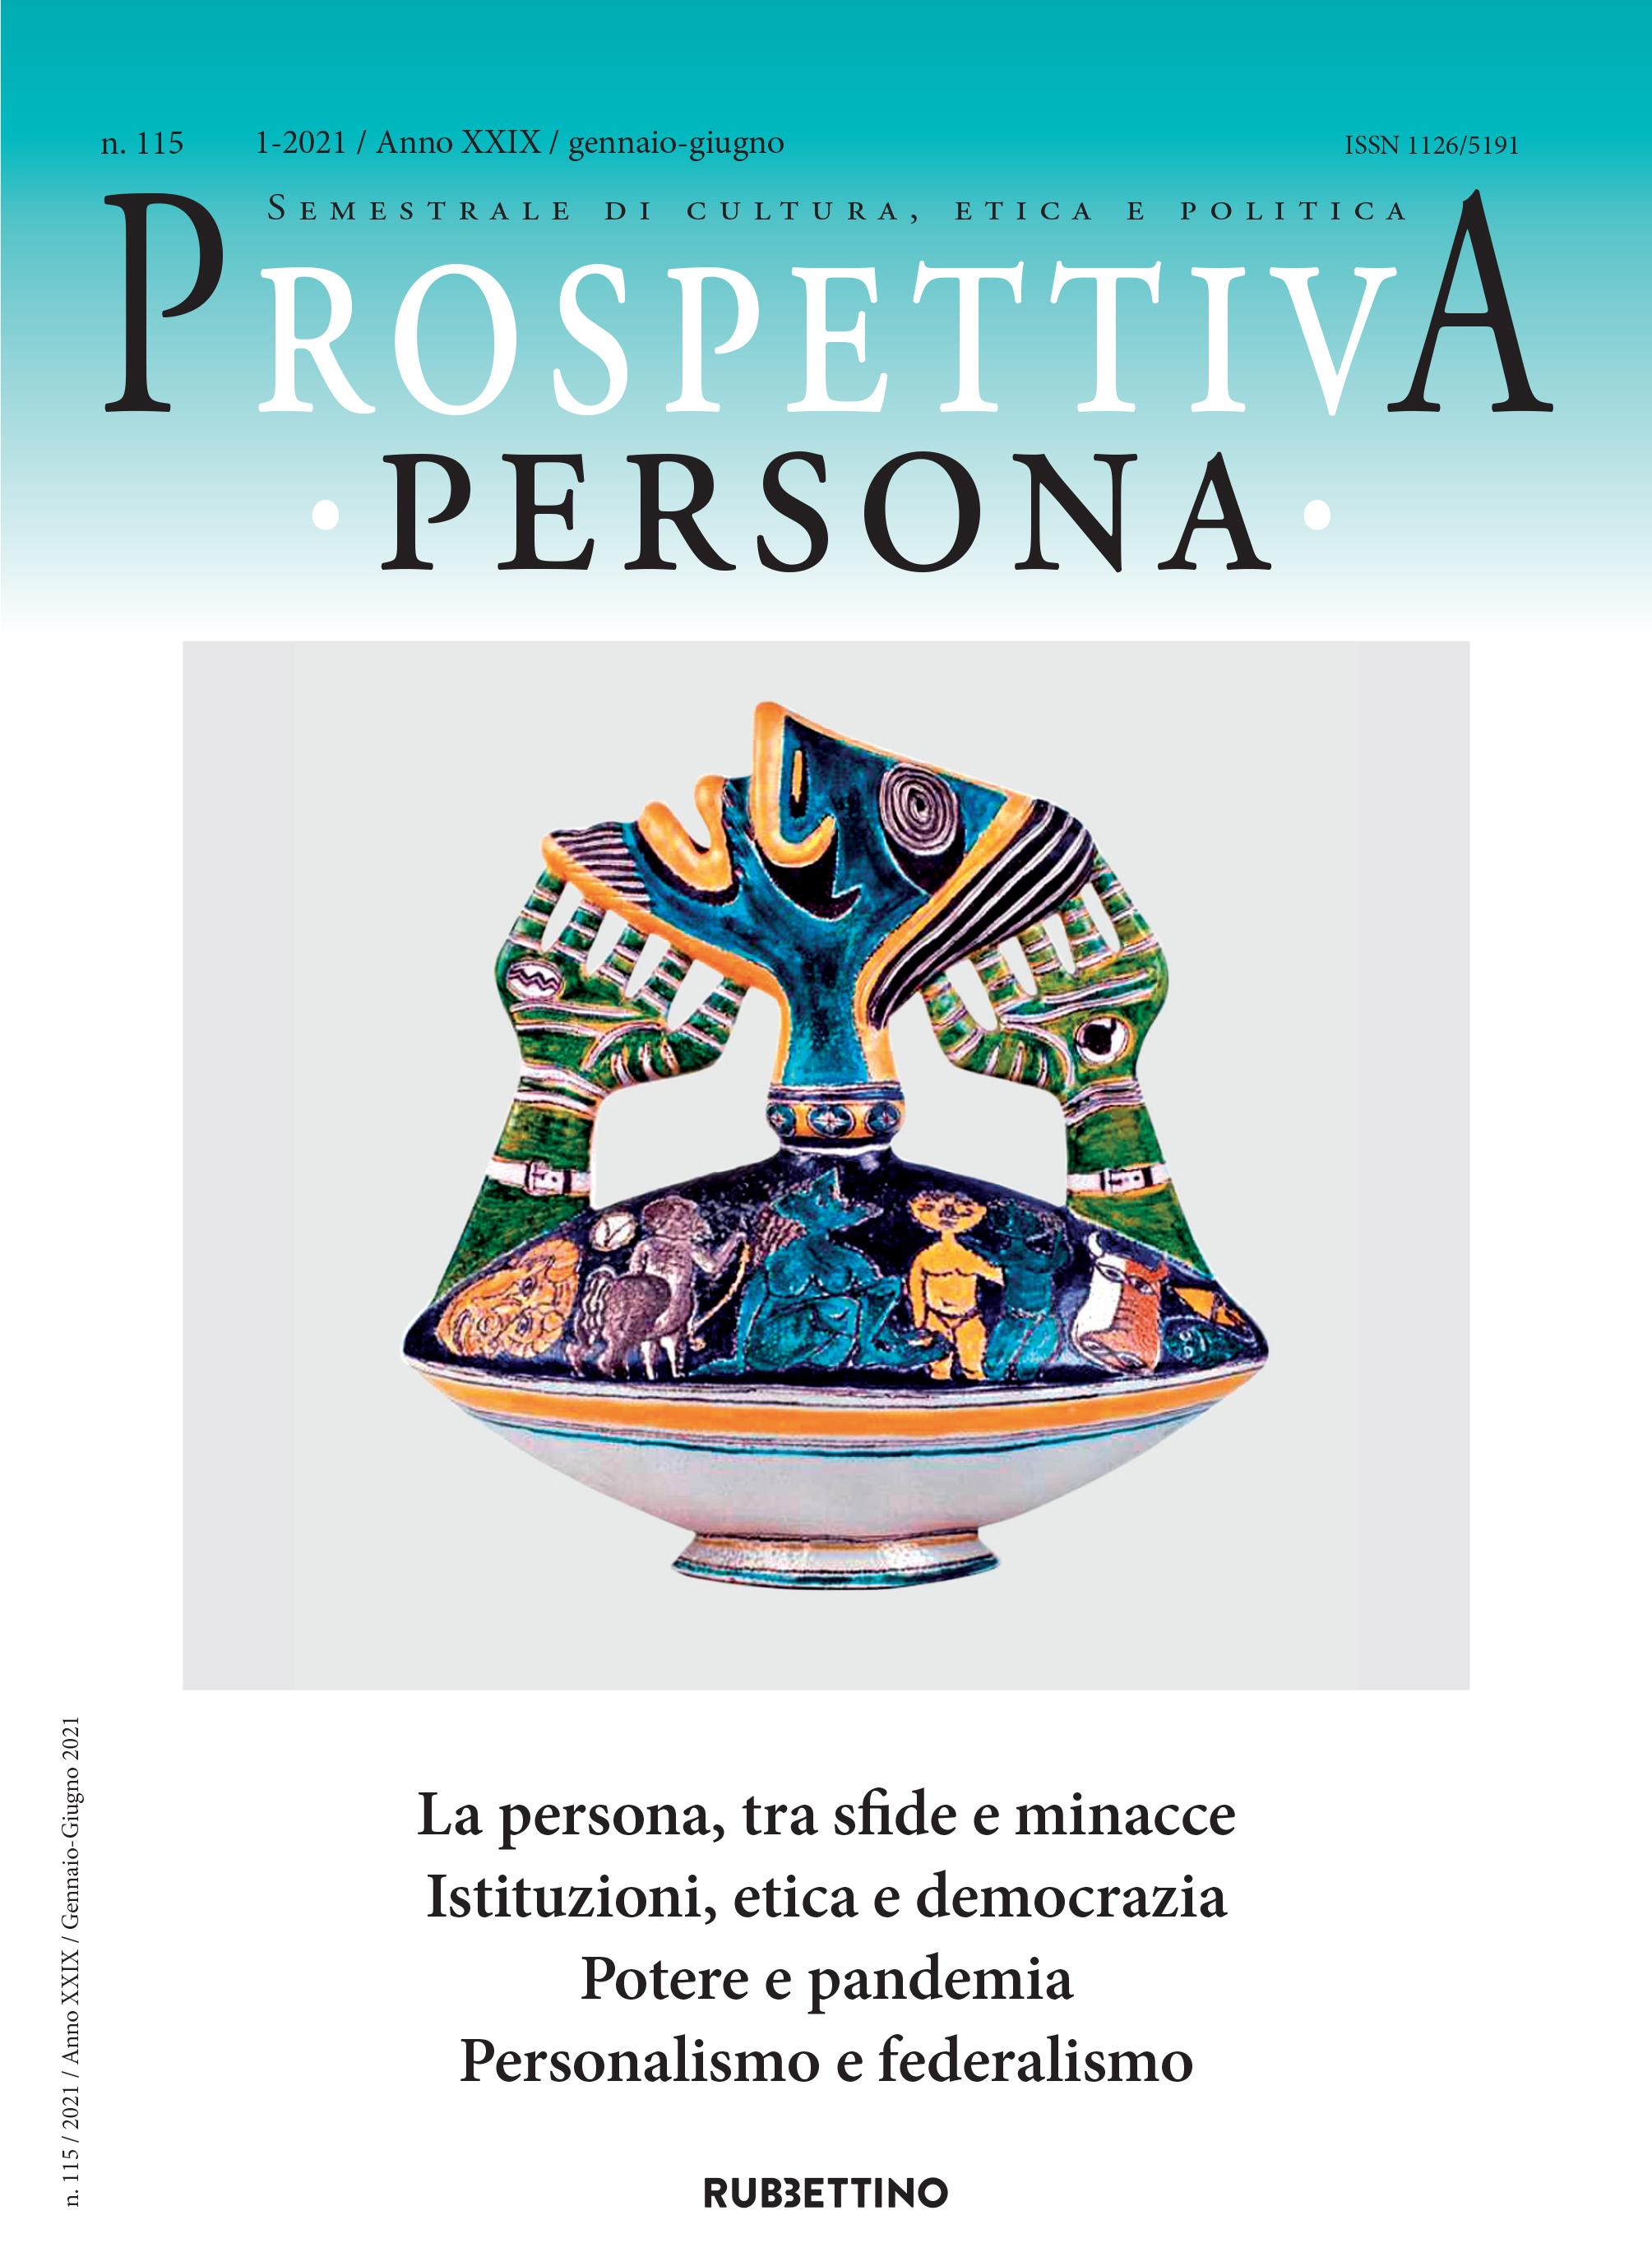 V. 115 N. 1-2021 (2021): La persona, tra sfide e minacce Istituzioni, etica e democrazia Potere e pandemia Personalismo e federalismo